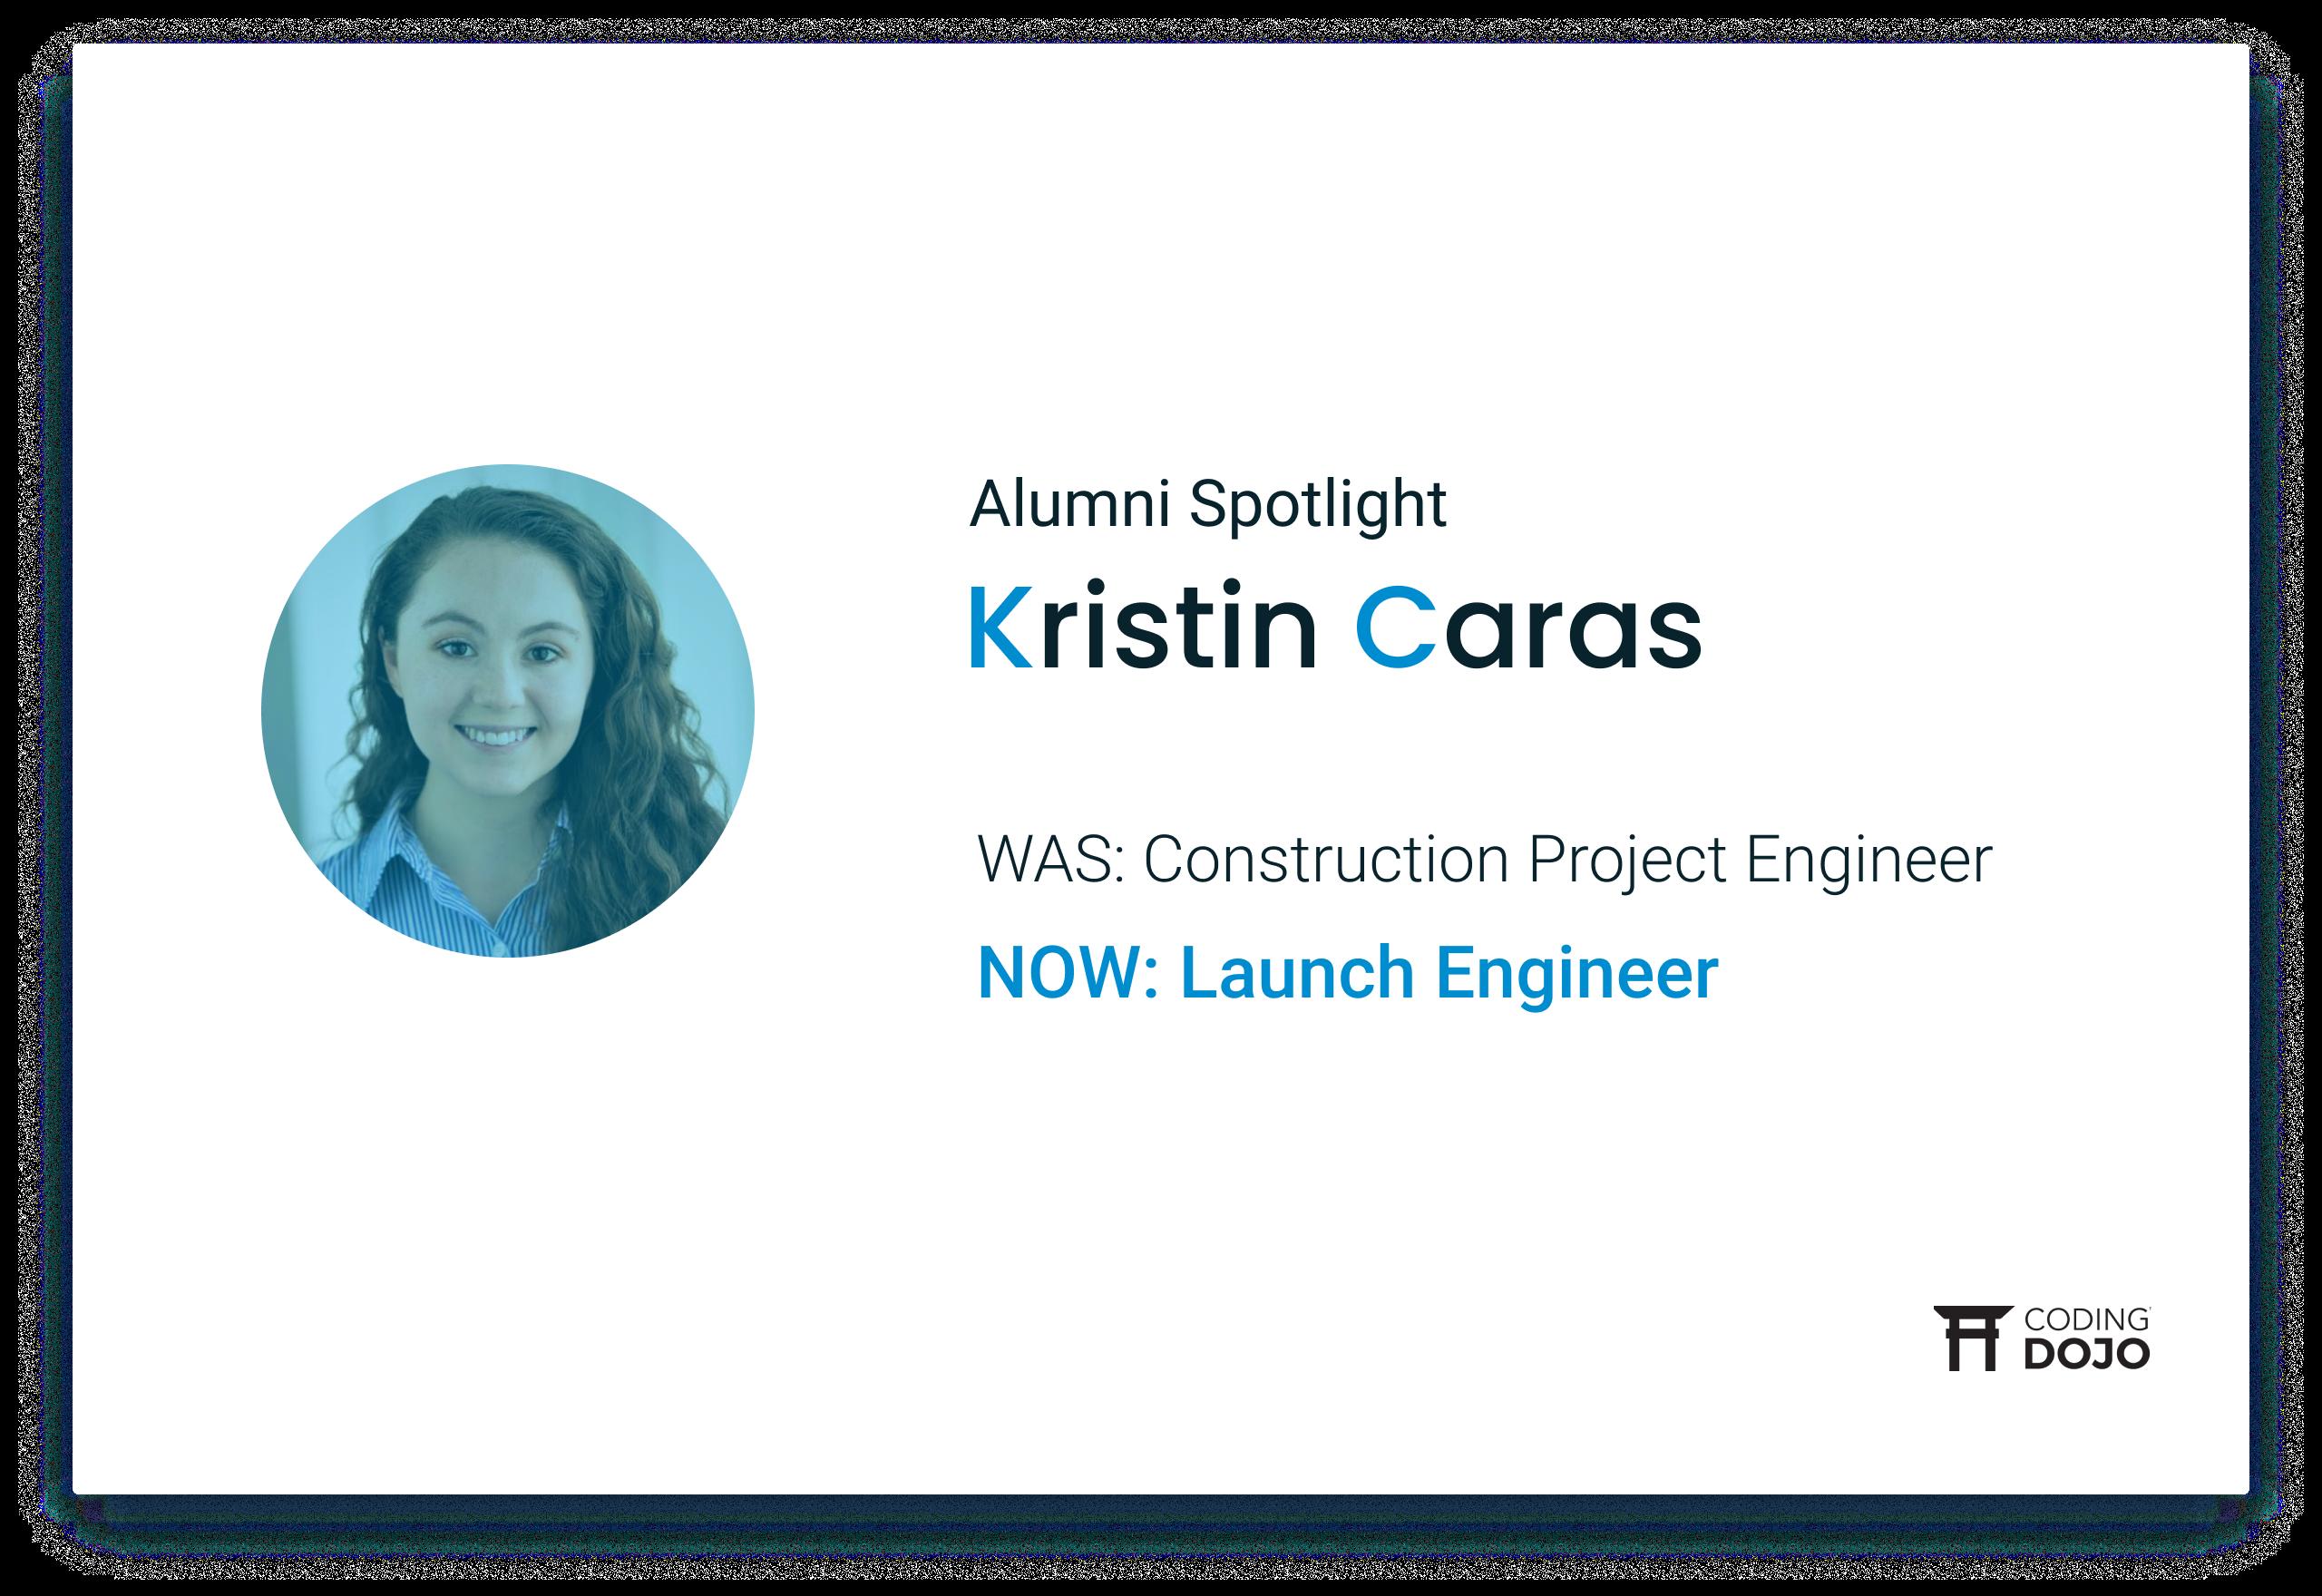 Coding Dojo Alumna Success | Kristin Caras